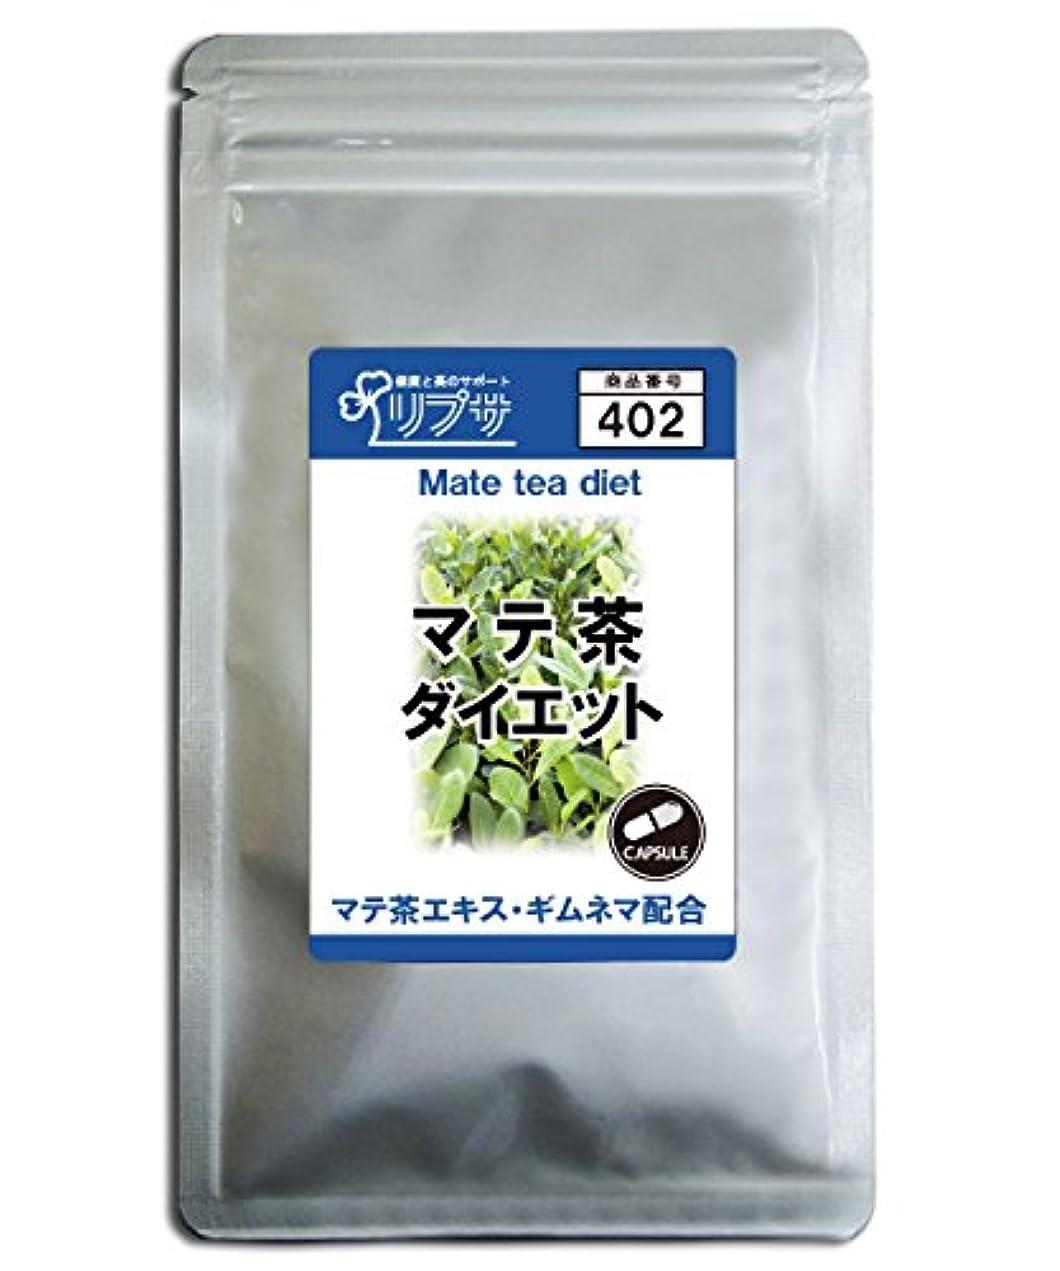 ジャズ石鹸貫入マテ茶ダイエット 約3か月分 C-402